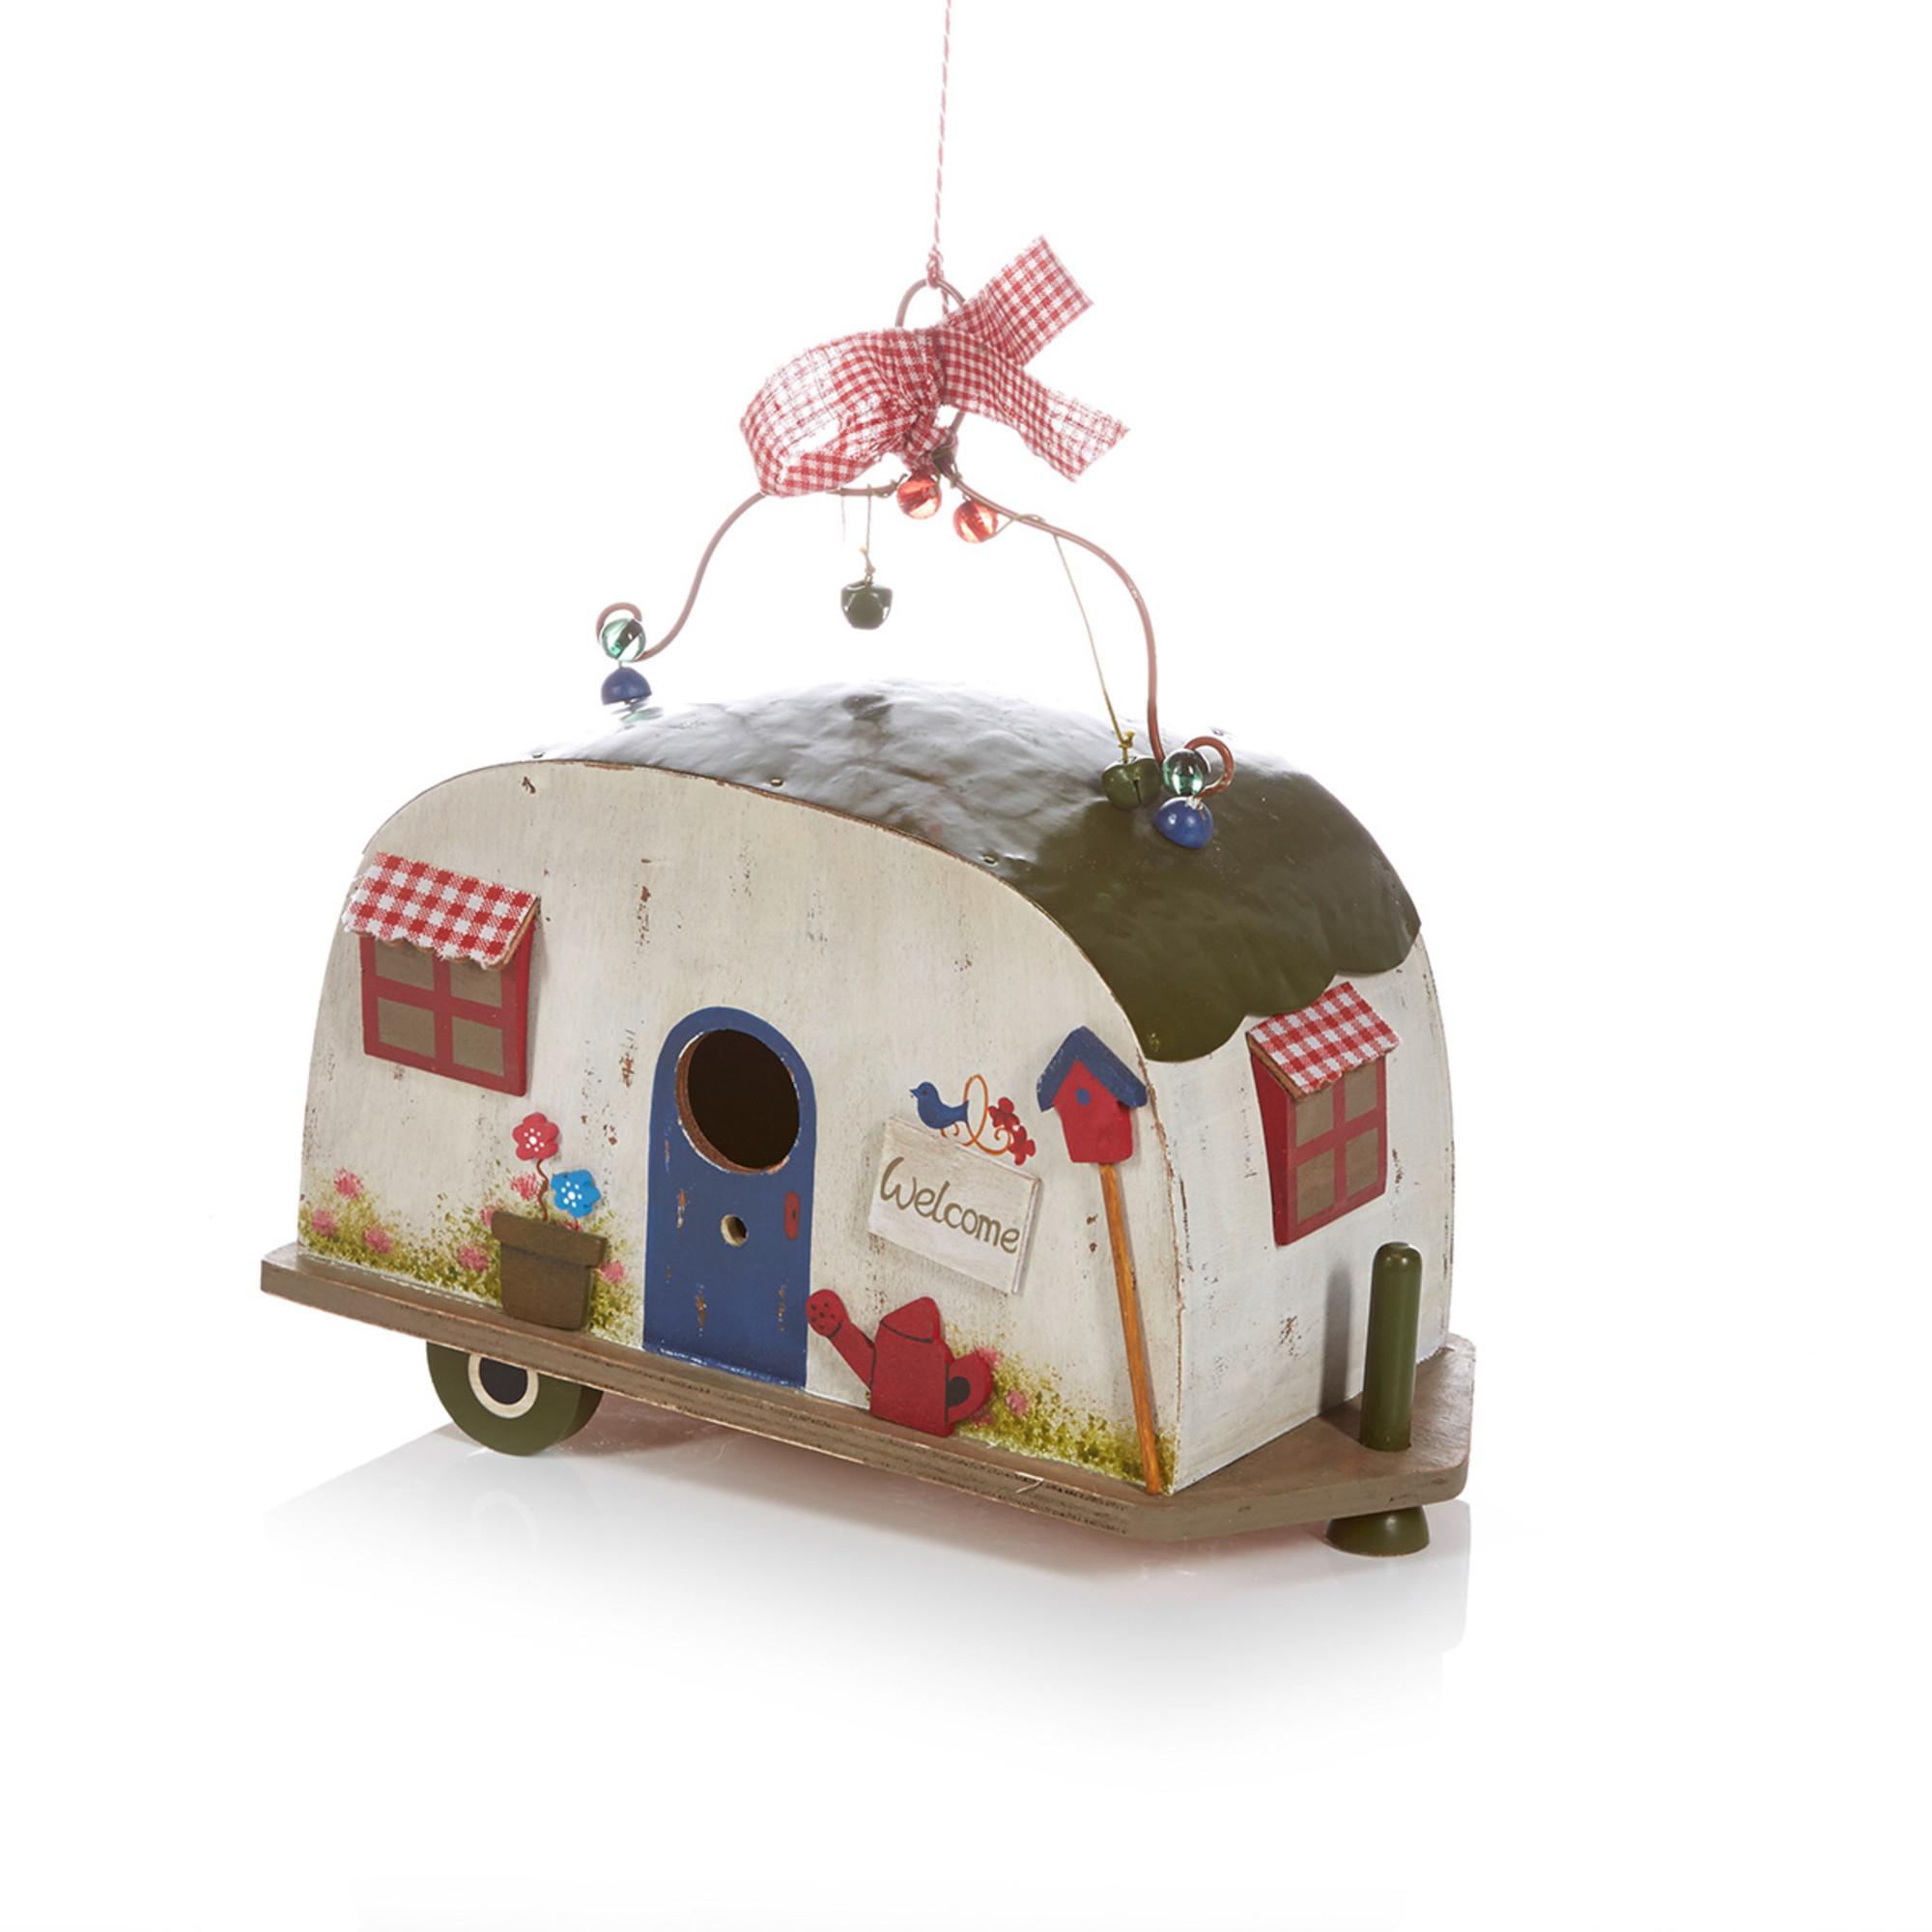 Camping Geschenke  Vogelhaus im Retro Wohnwagen Stil mega coole geschenke